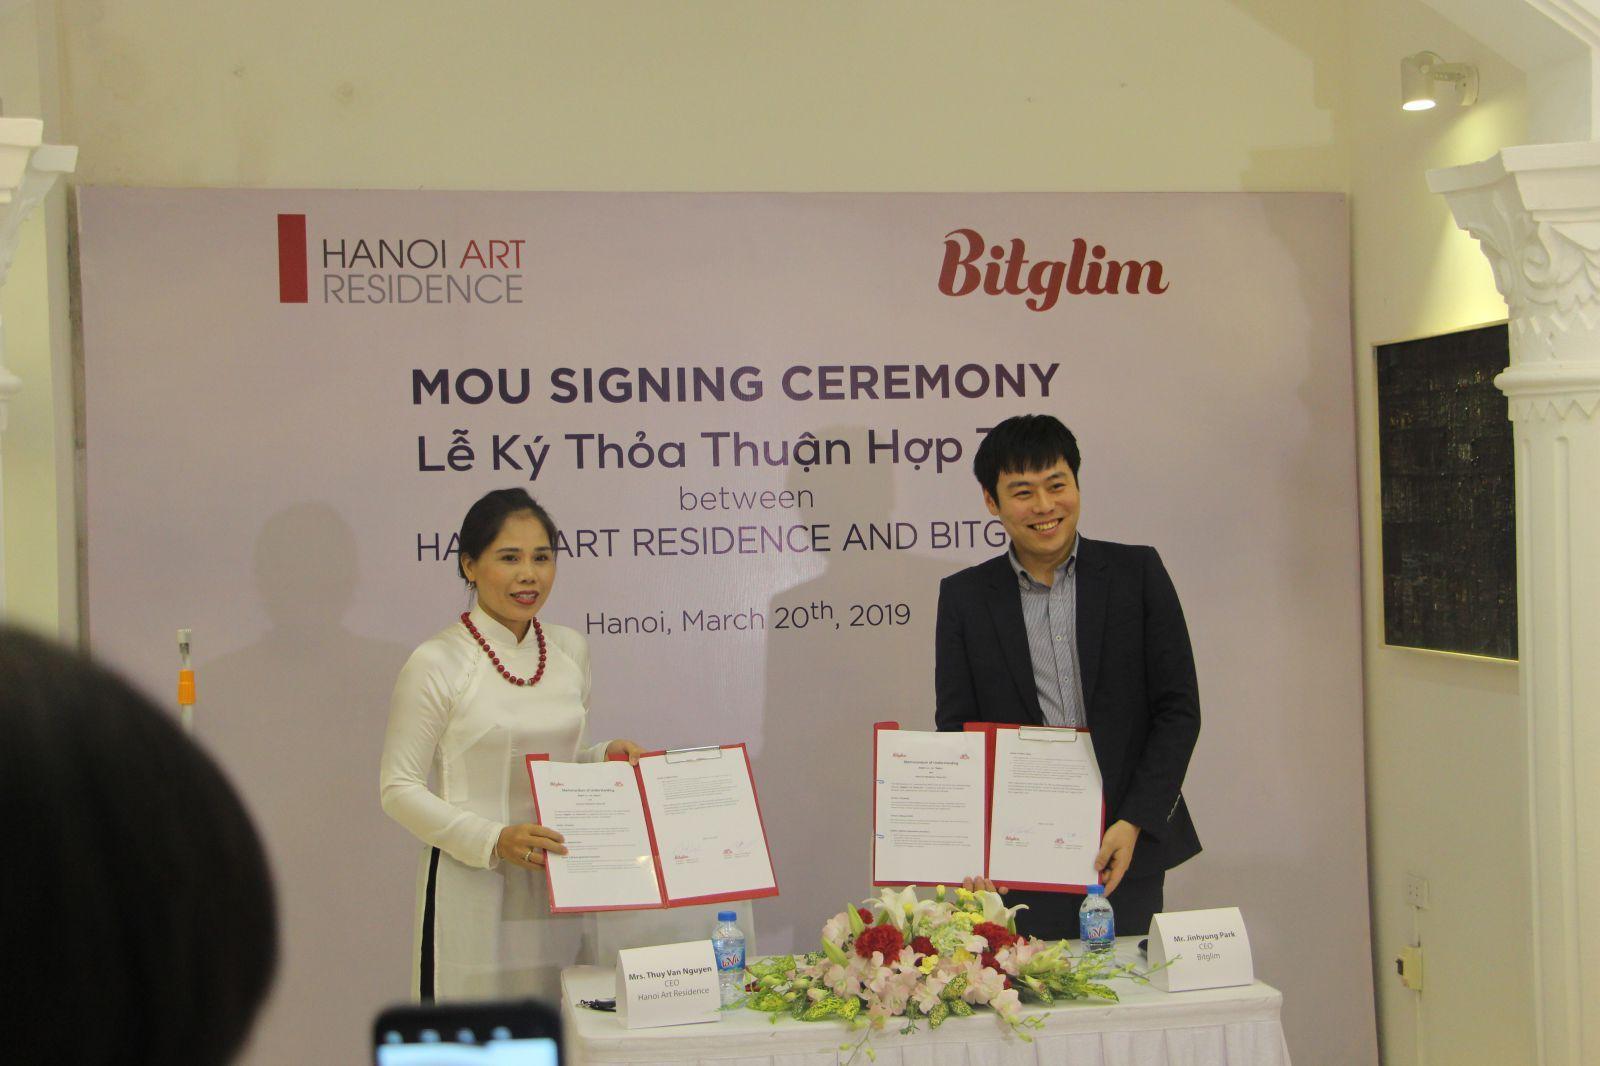 Ký kết hợp tác giữ đại diện Hanoi Art Residencep/và đại diện Bitglim